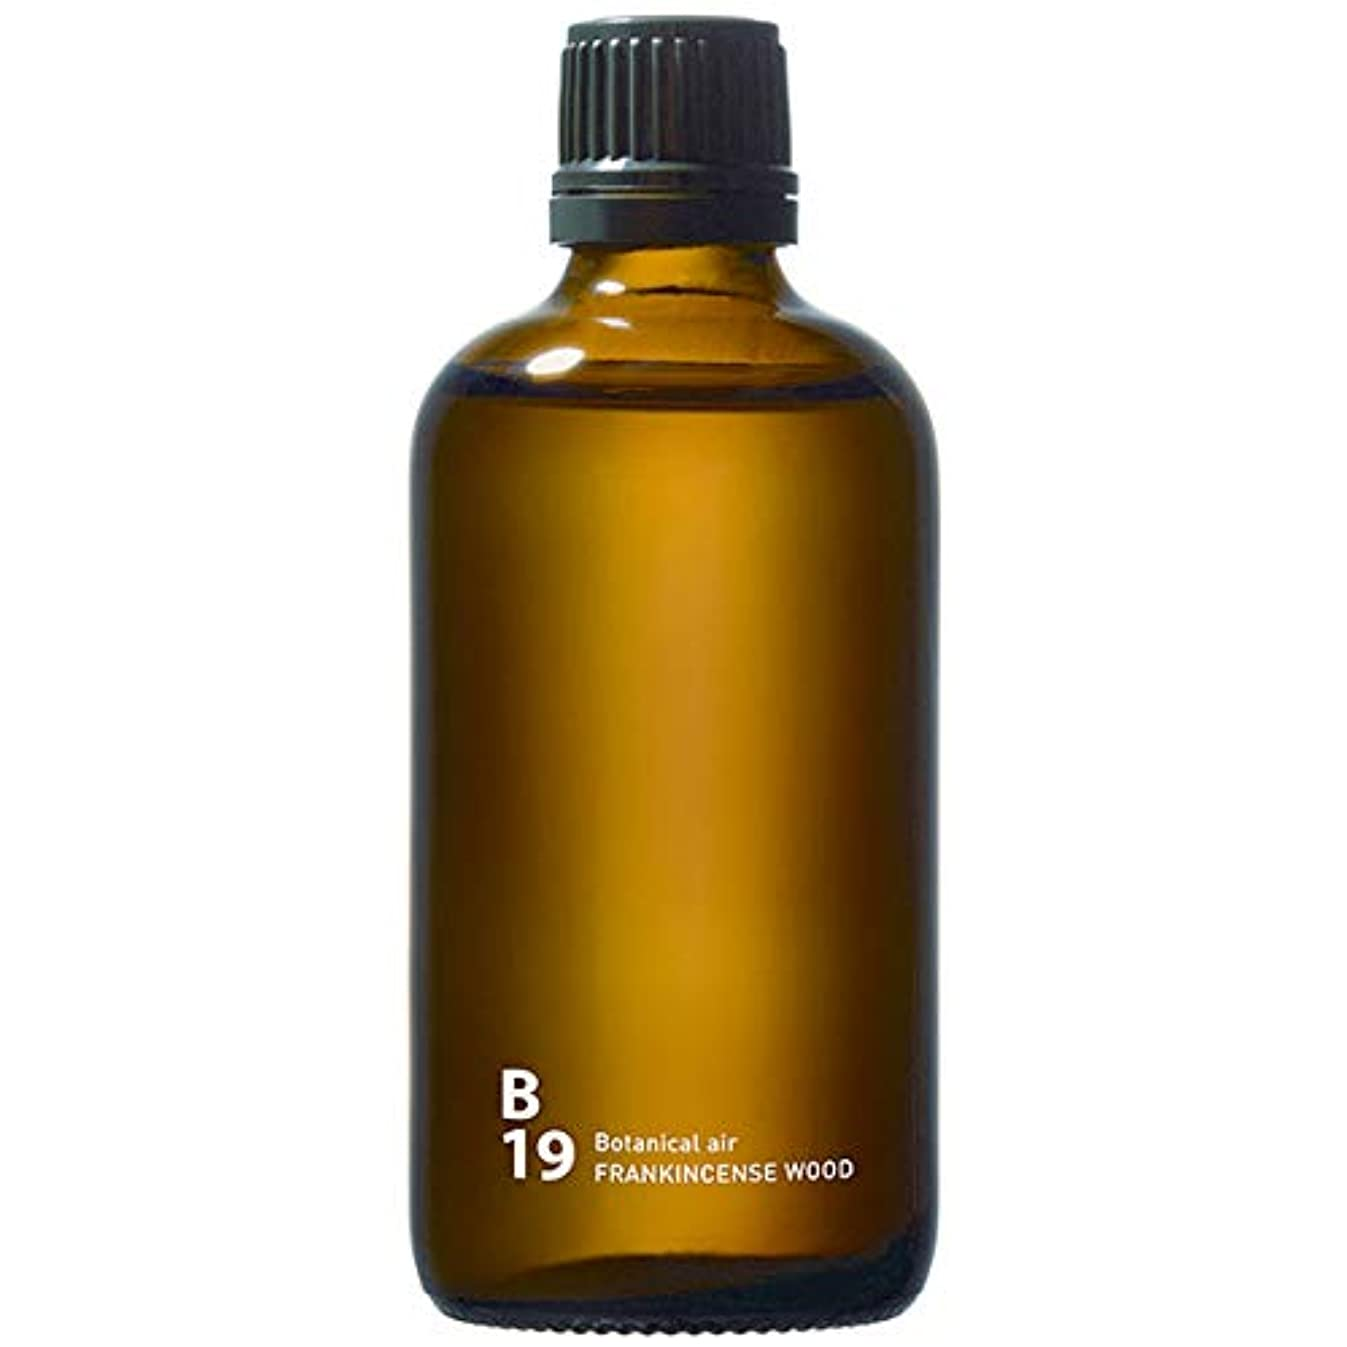 野生論理的にバンジージャンプB19 FRANKINCENSE WOOD piezo aroma oil 100ml